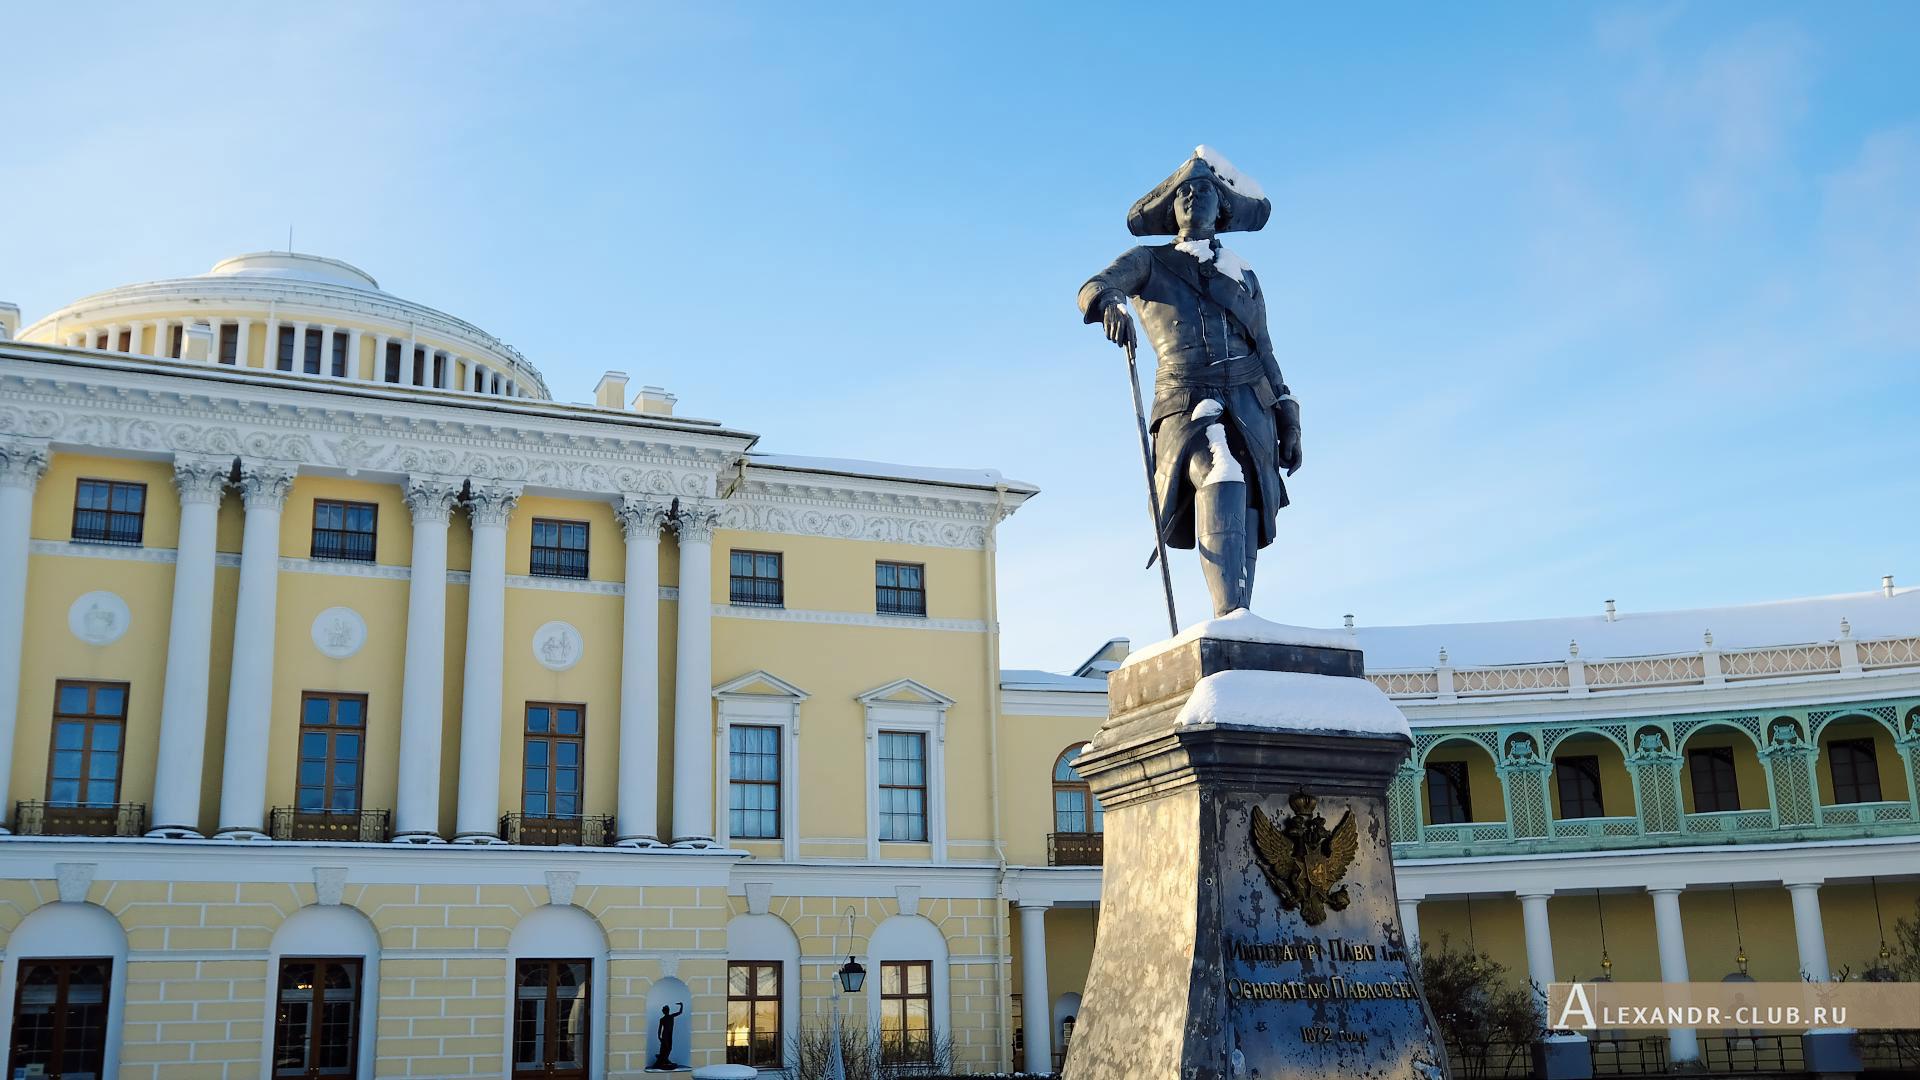 Павловск, зима, Павловский парк, Павловский дворец, памятник Павлу I